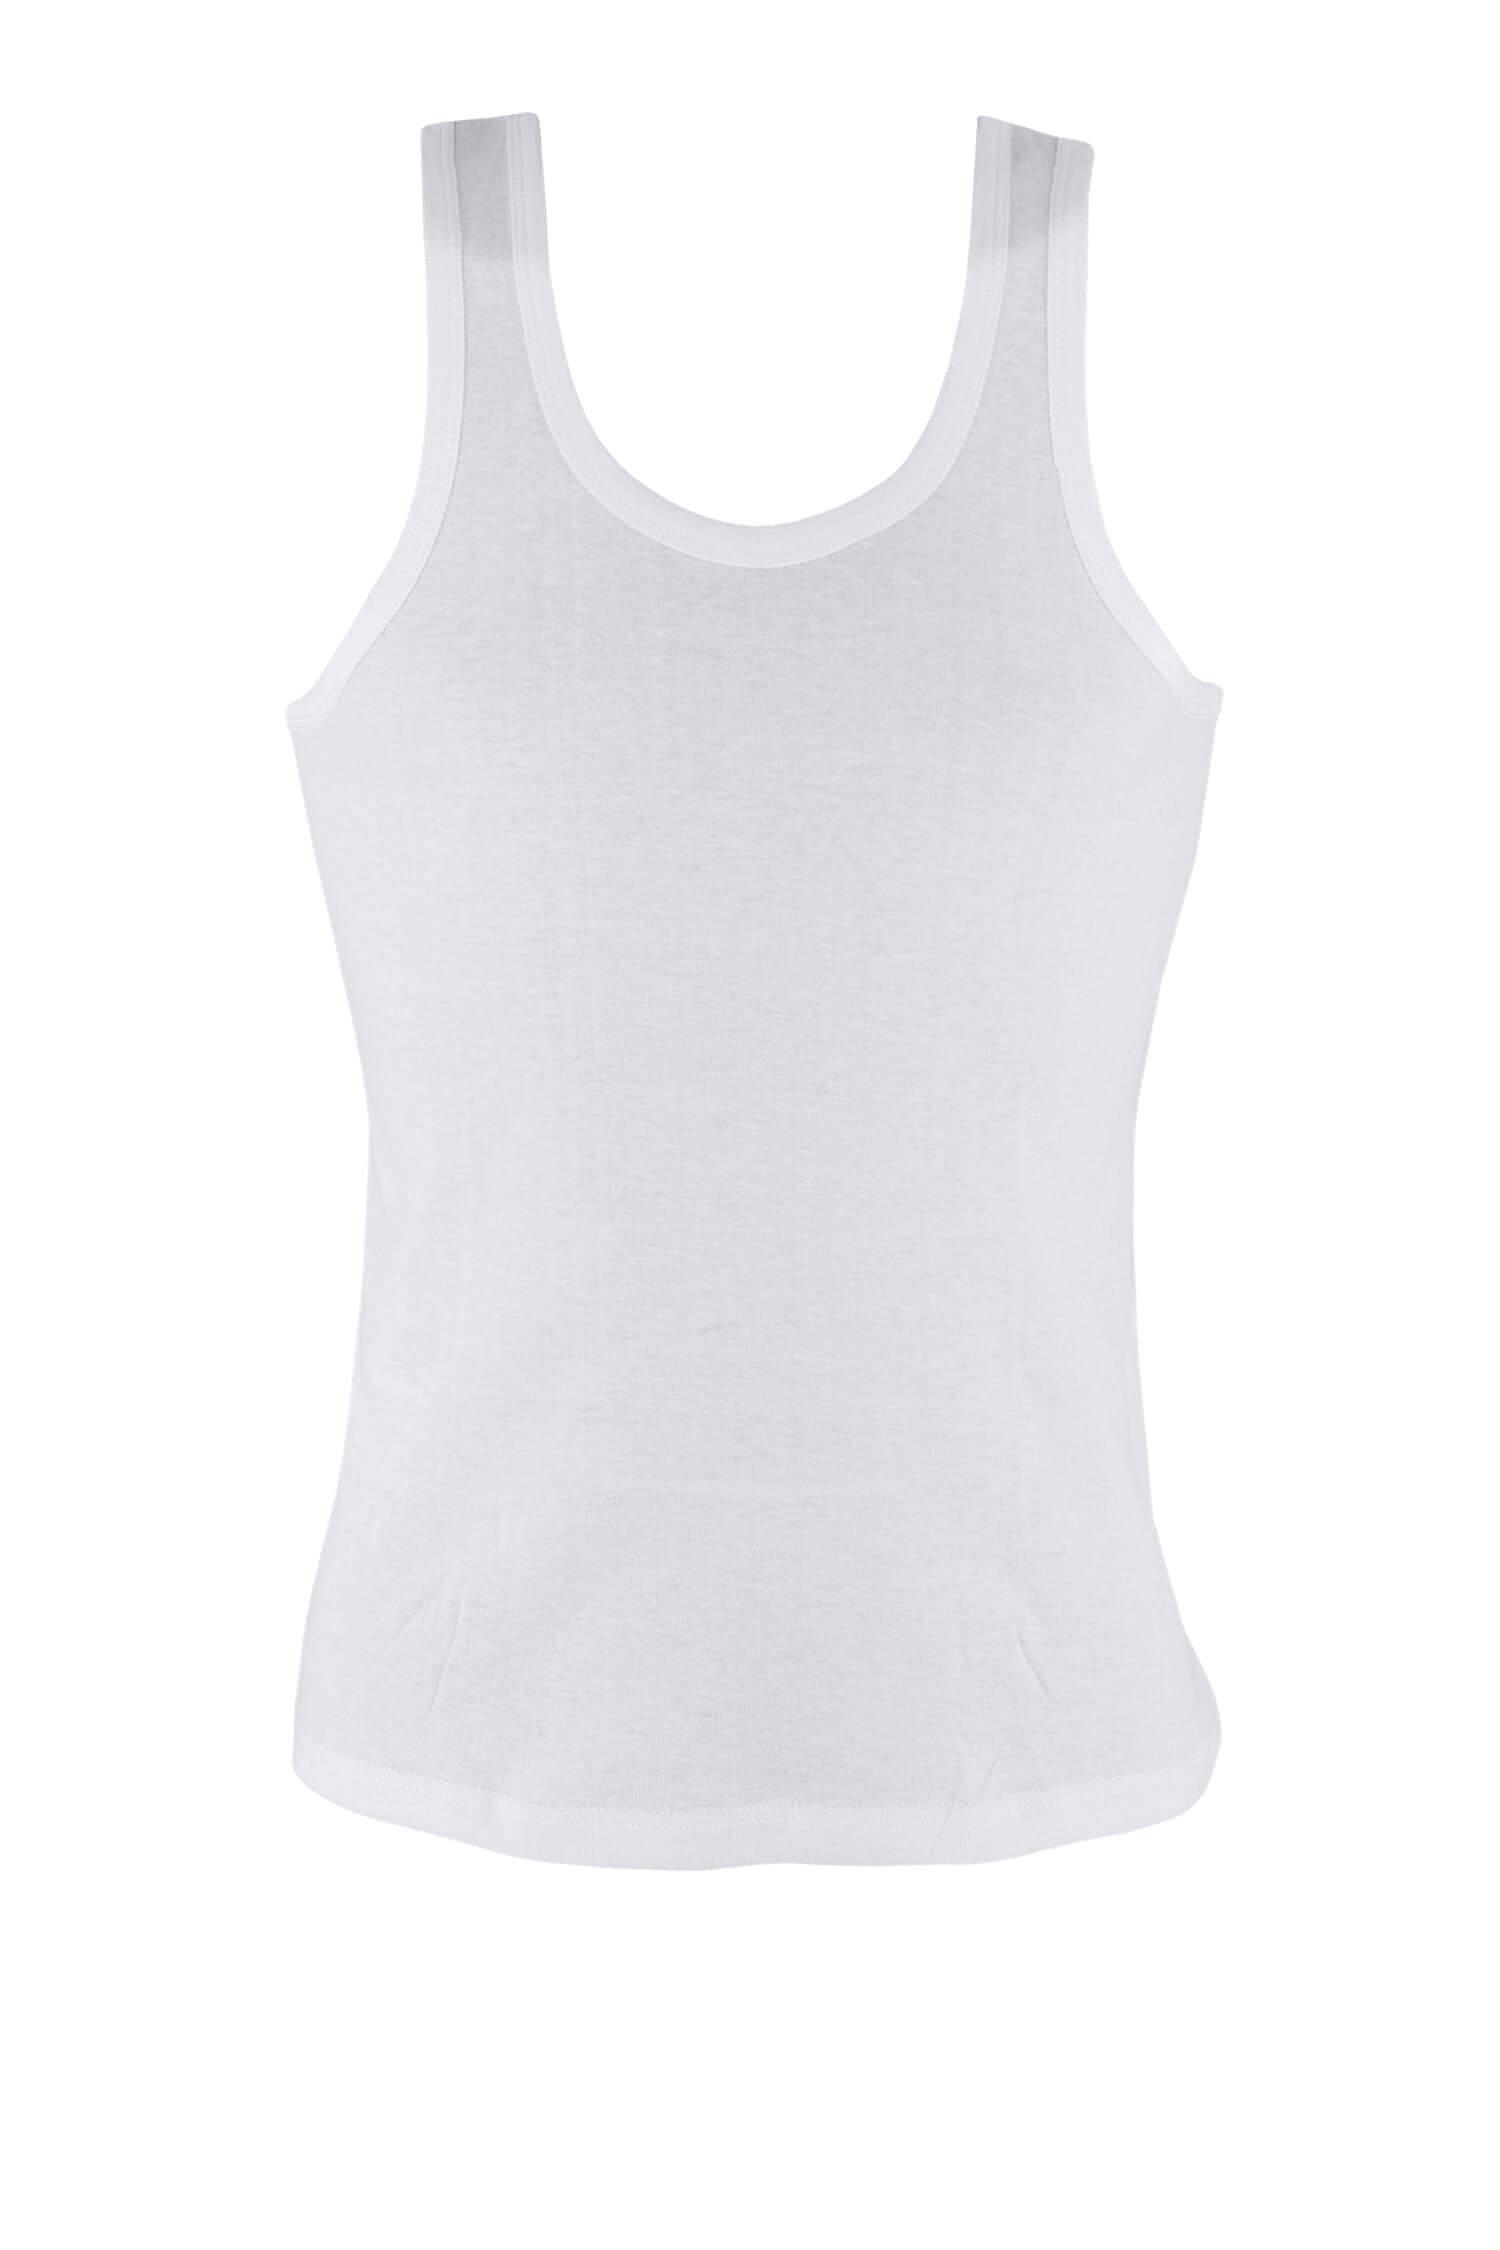 Yily White pánské tílko hladké bavlna 4XL bílá